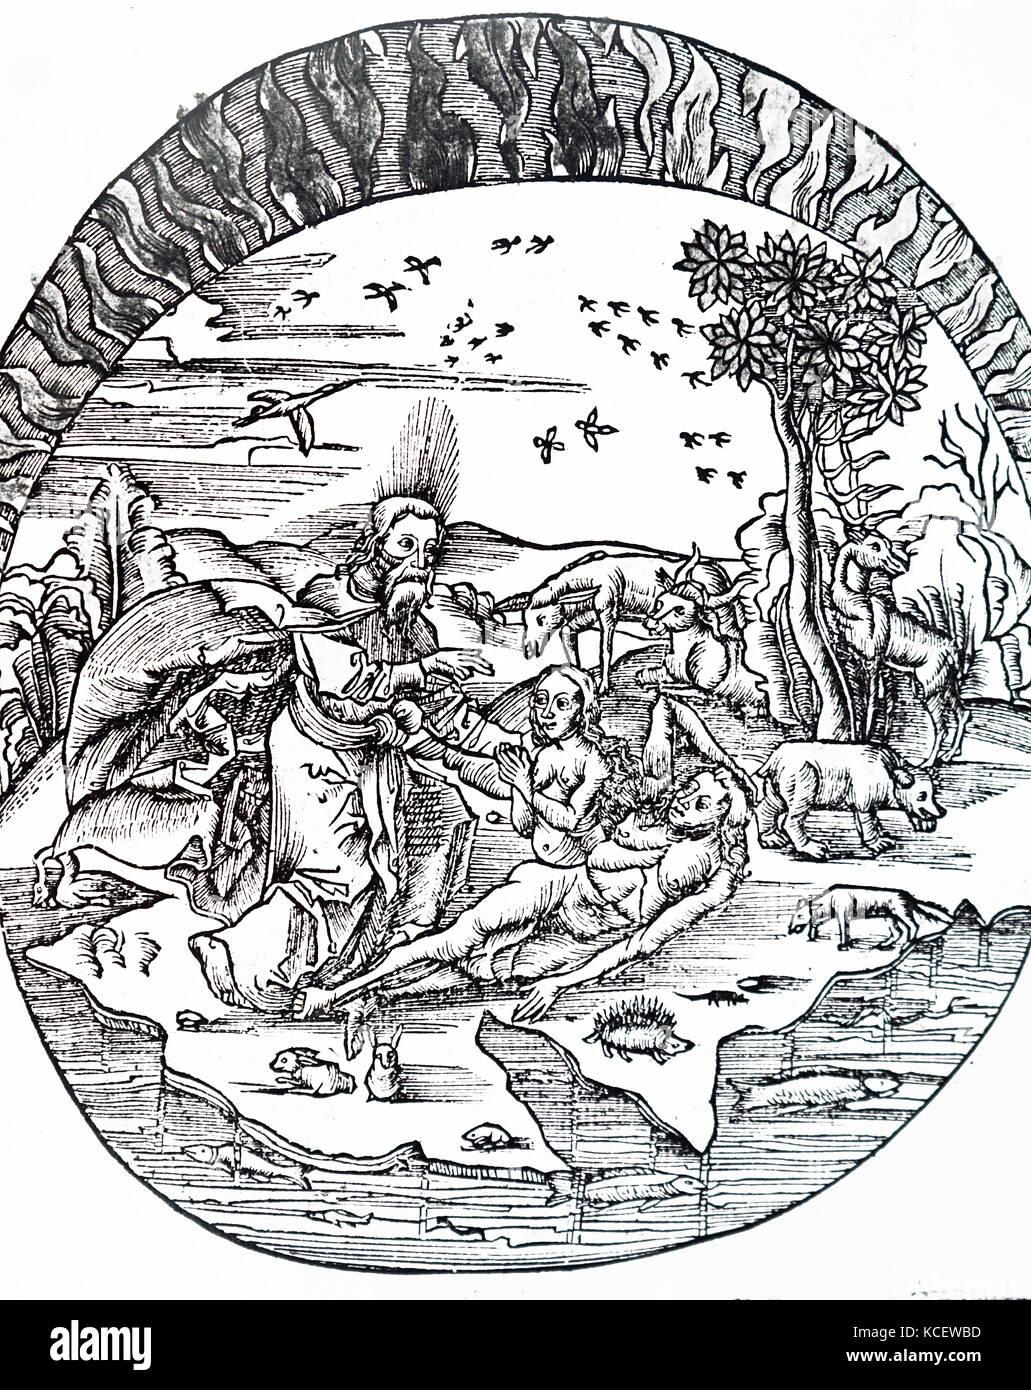 """Ilustración mostrando Tales de Mileto"""" concepto de una tierra plana flotando sobre el agua. Tales de Mileto, Imagen De Stock"""